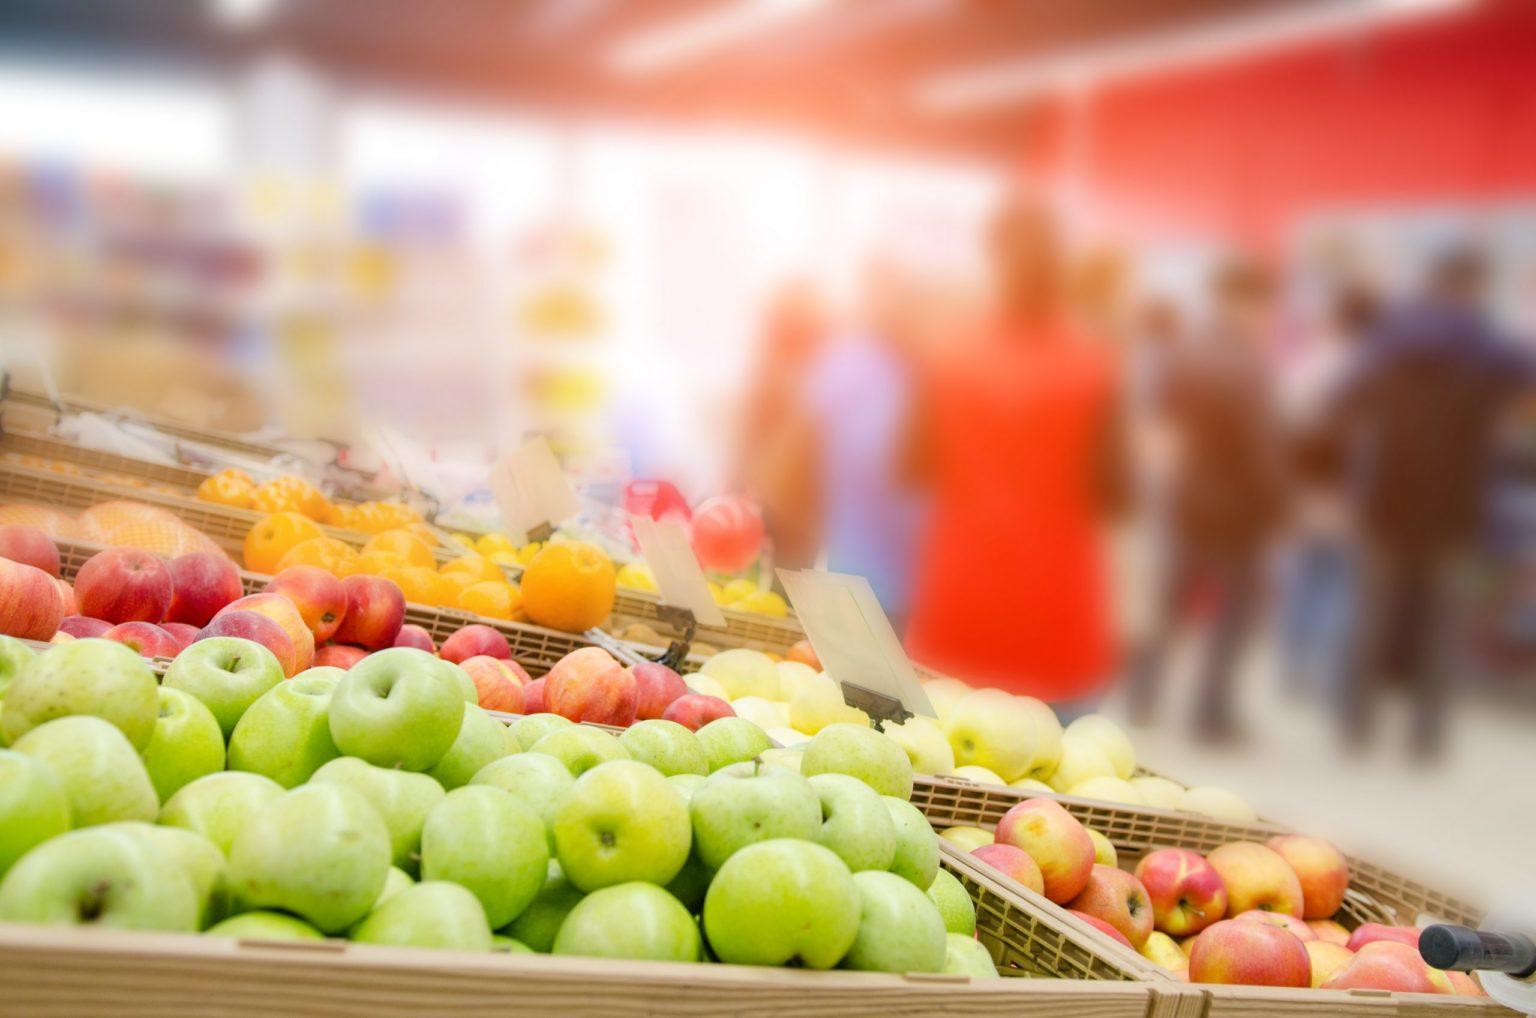 fruits-scaled